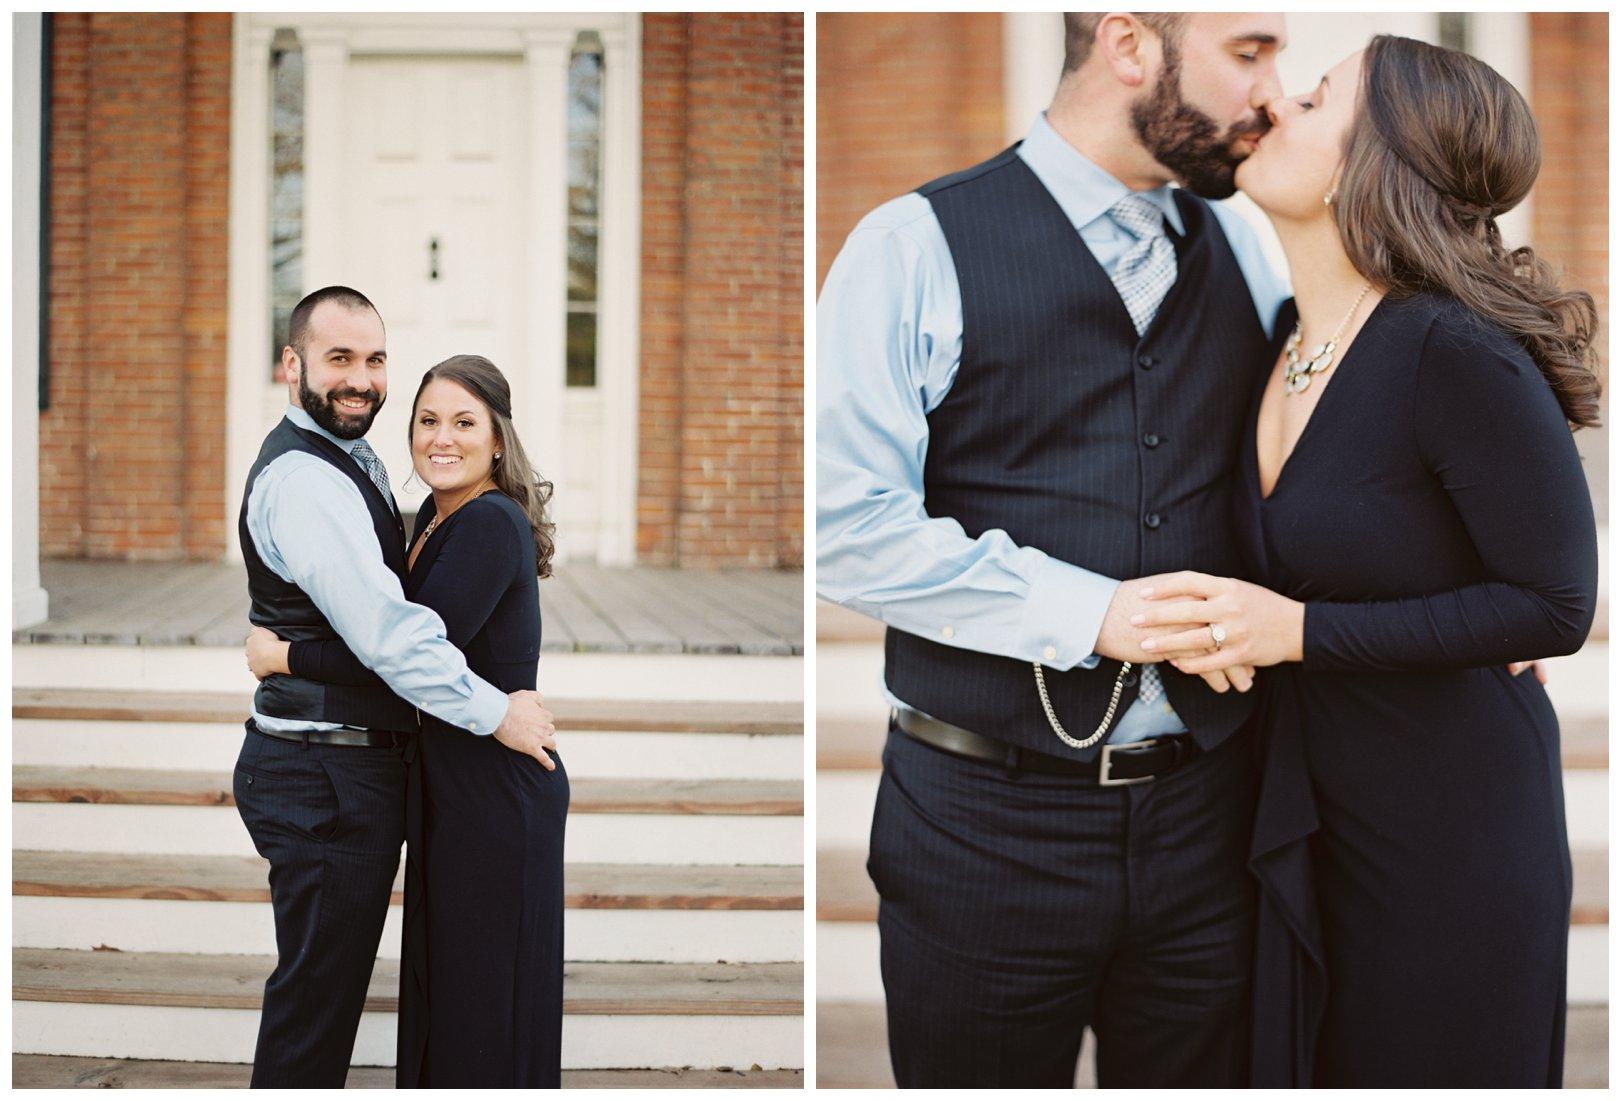 lauren muckler photography_fine art film wedding photography_st louis_photography_0894.jpg